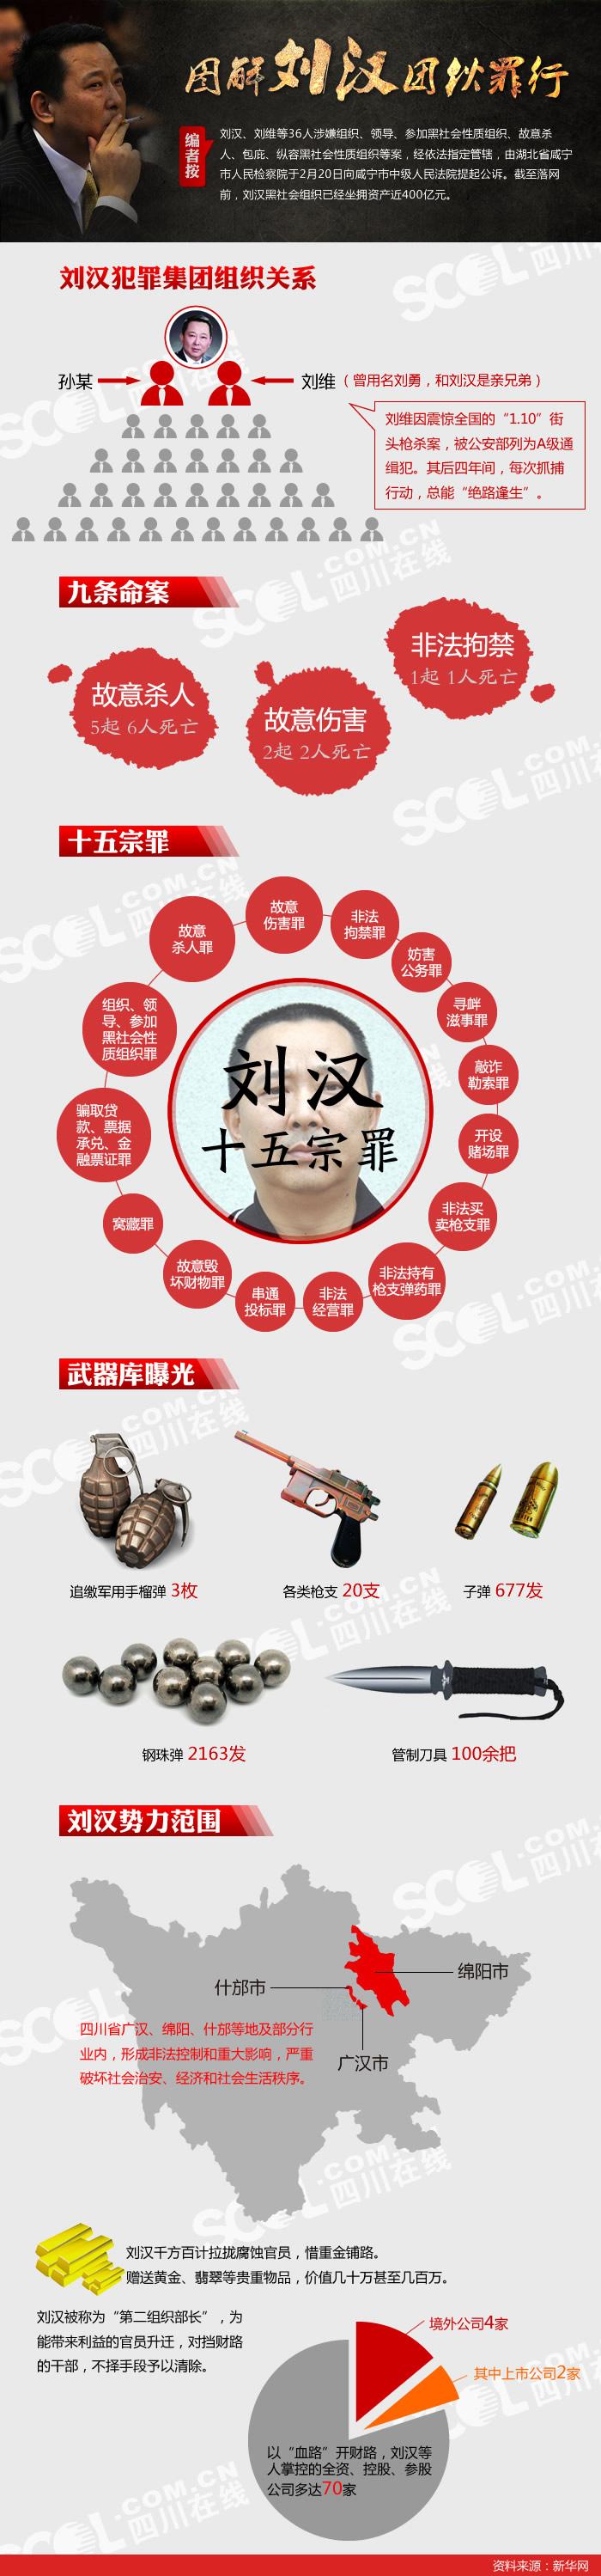 ・图解刘汉团伙罪行